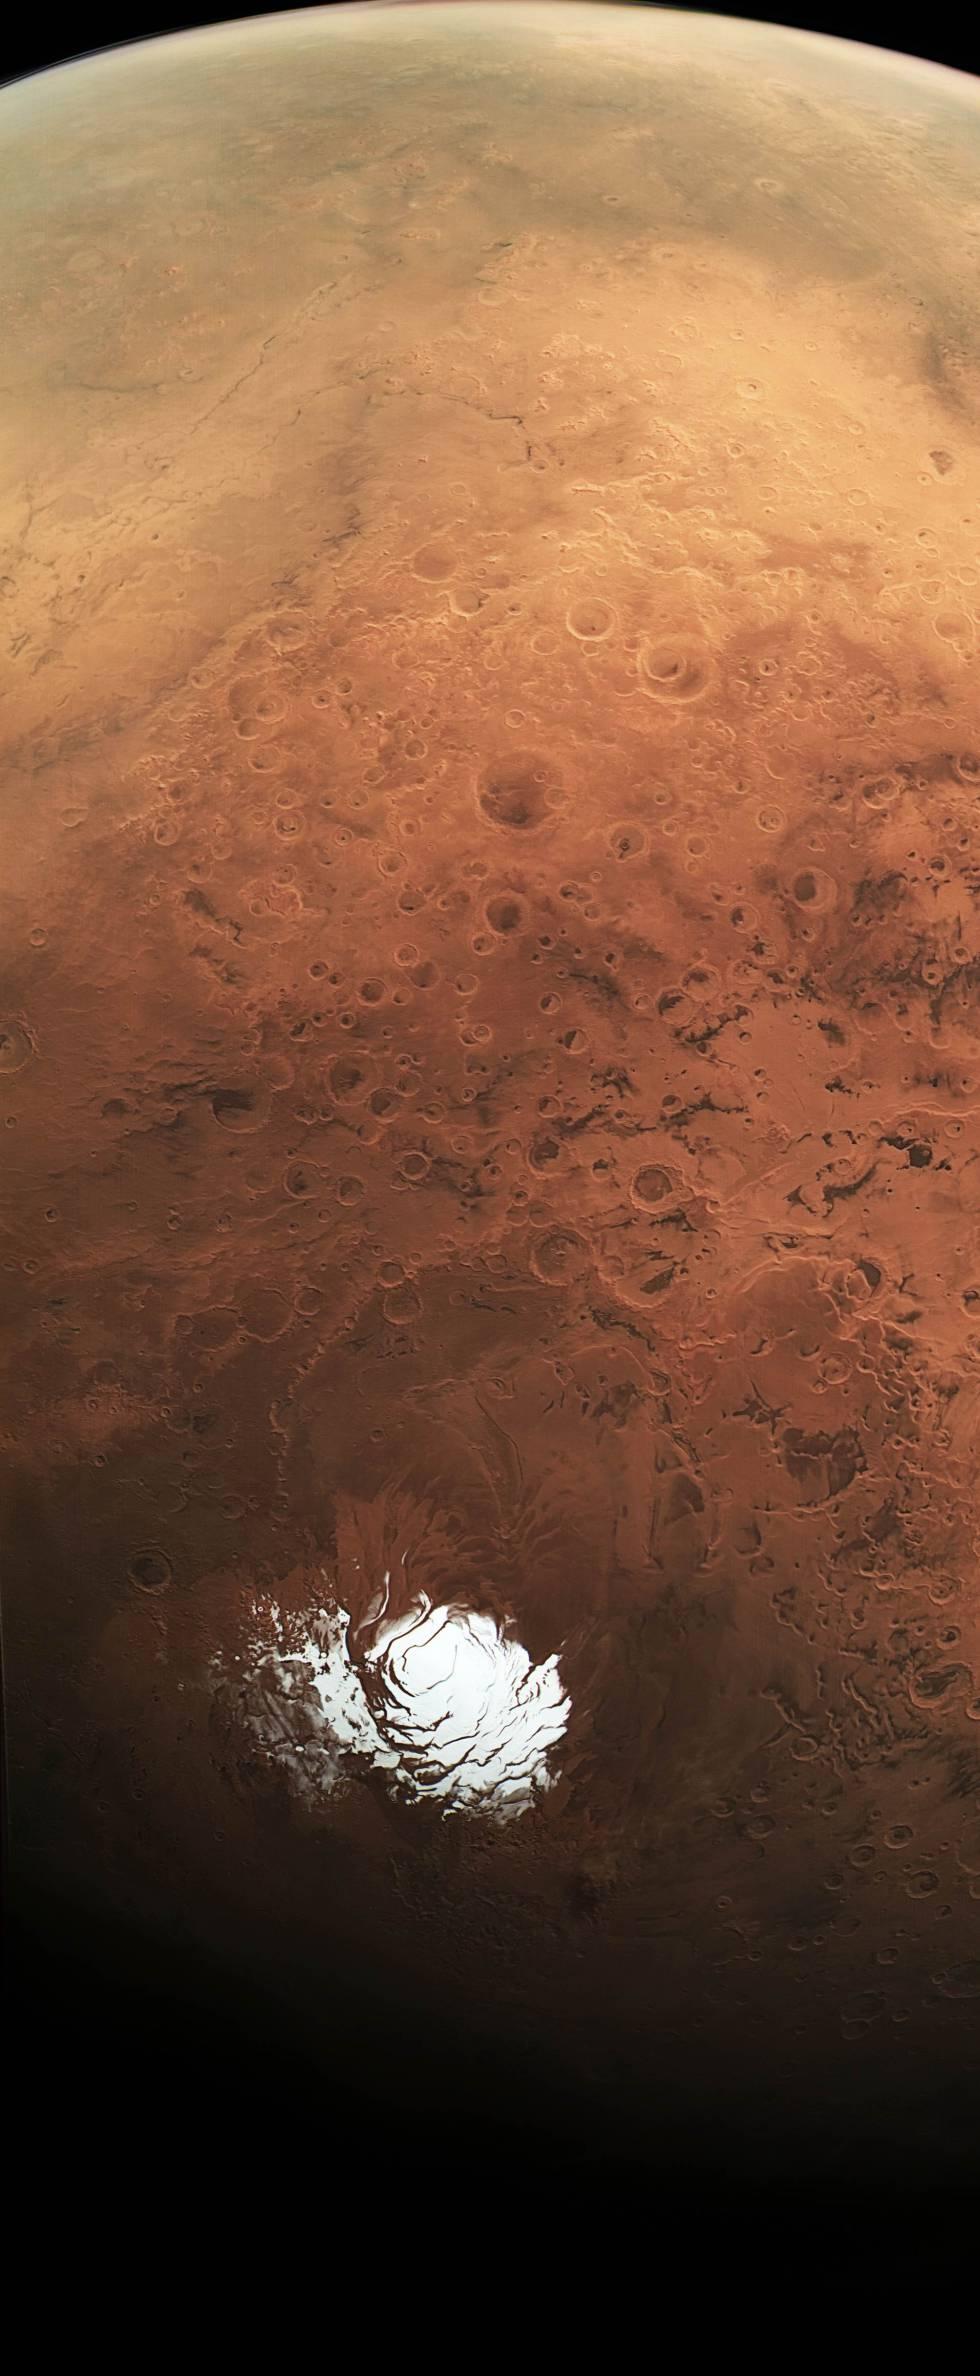 Imagem do pólo sul marciano tomada pela sonda 'Mars Express' em 2015.